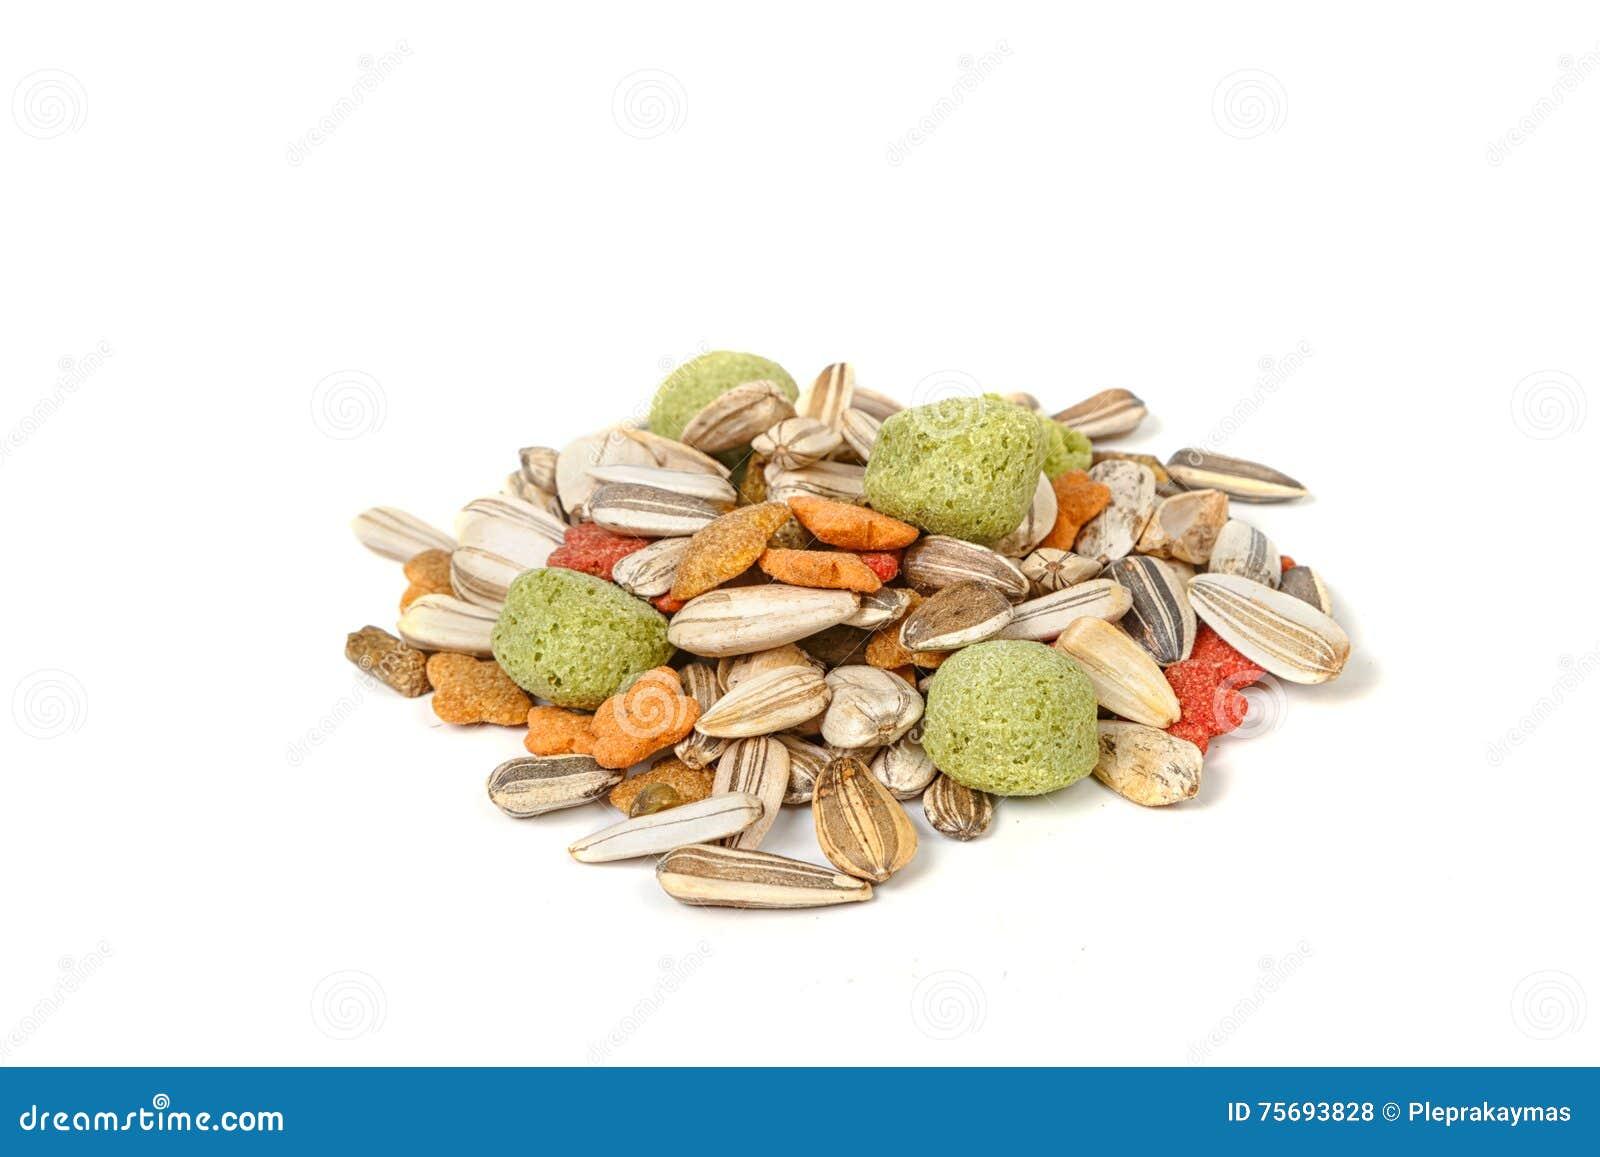 Nagetier-Lebensmittel-Mischung von Körnern